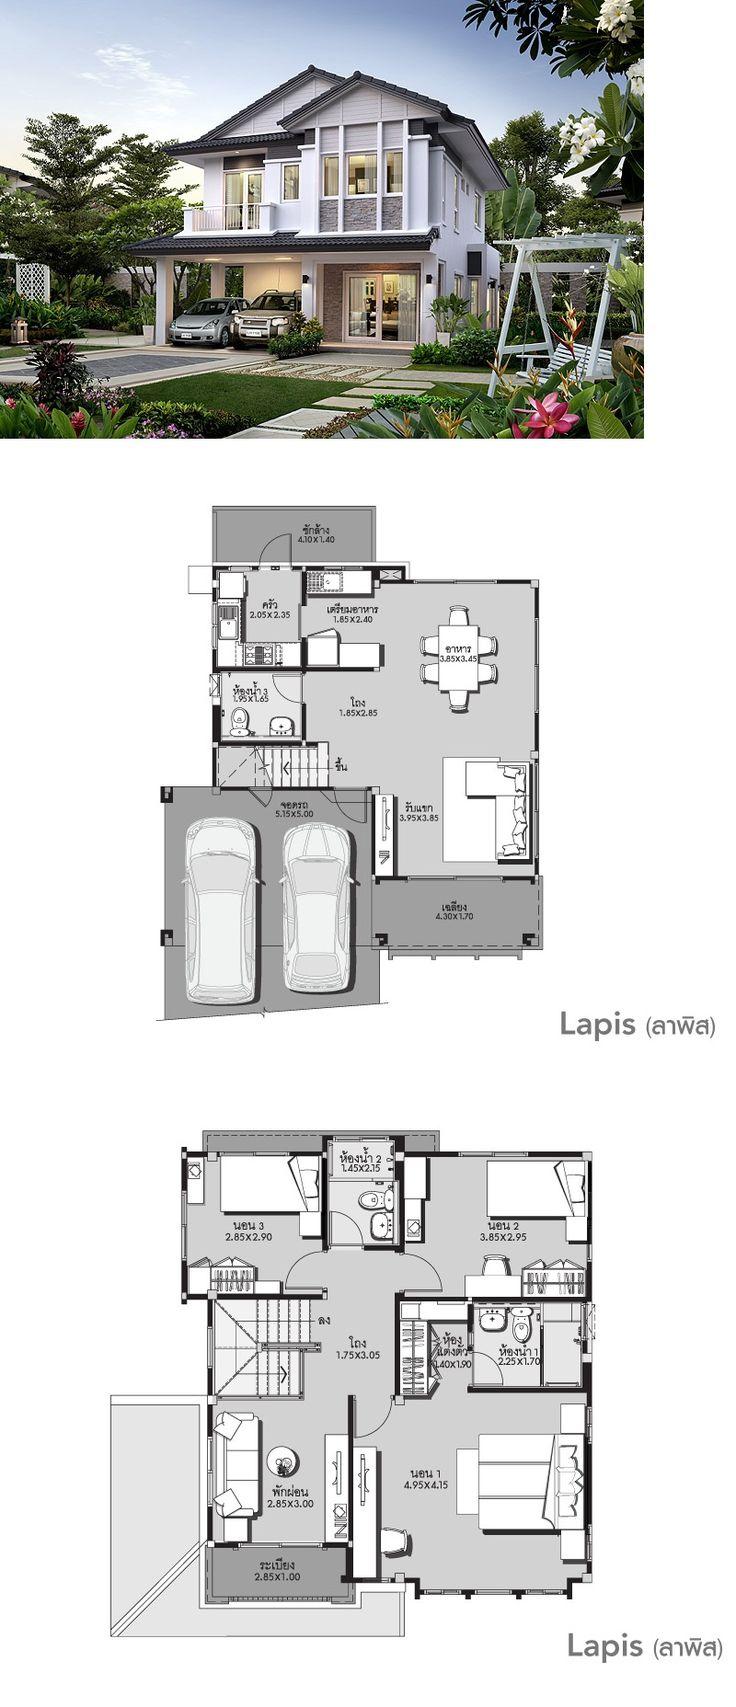 Pinterest: @claudiagabg | Casa 2 pisos 3 cuartos 1 estudio abierto